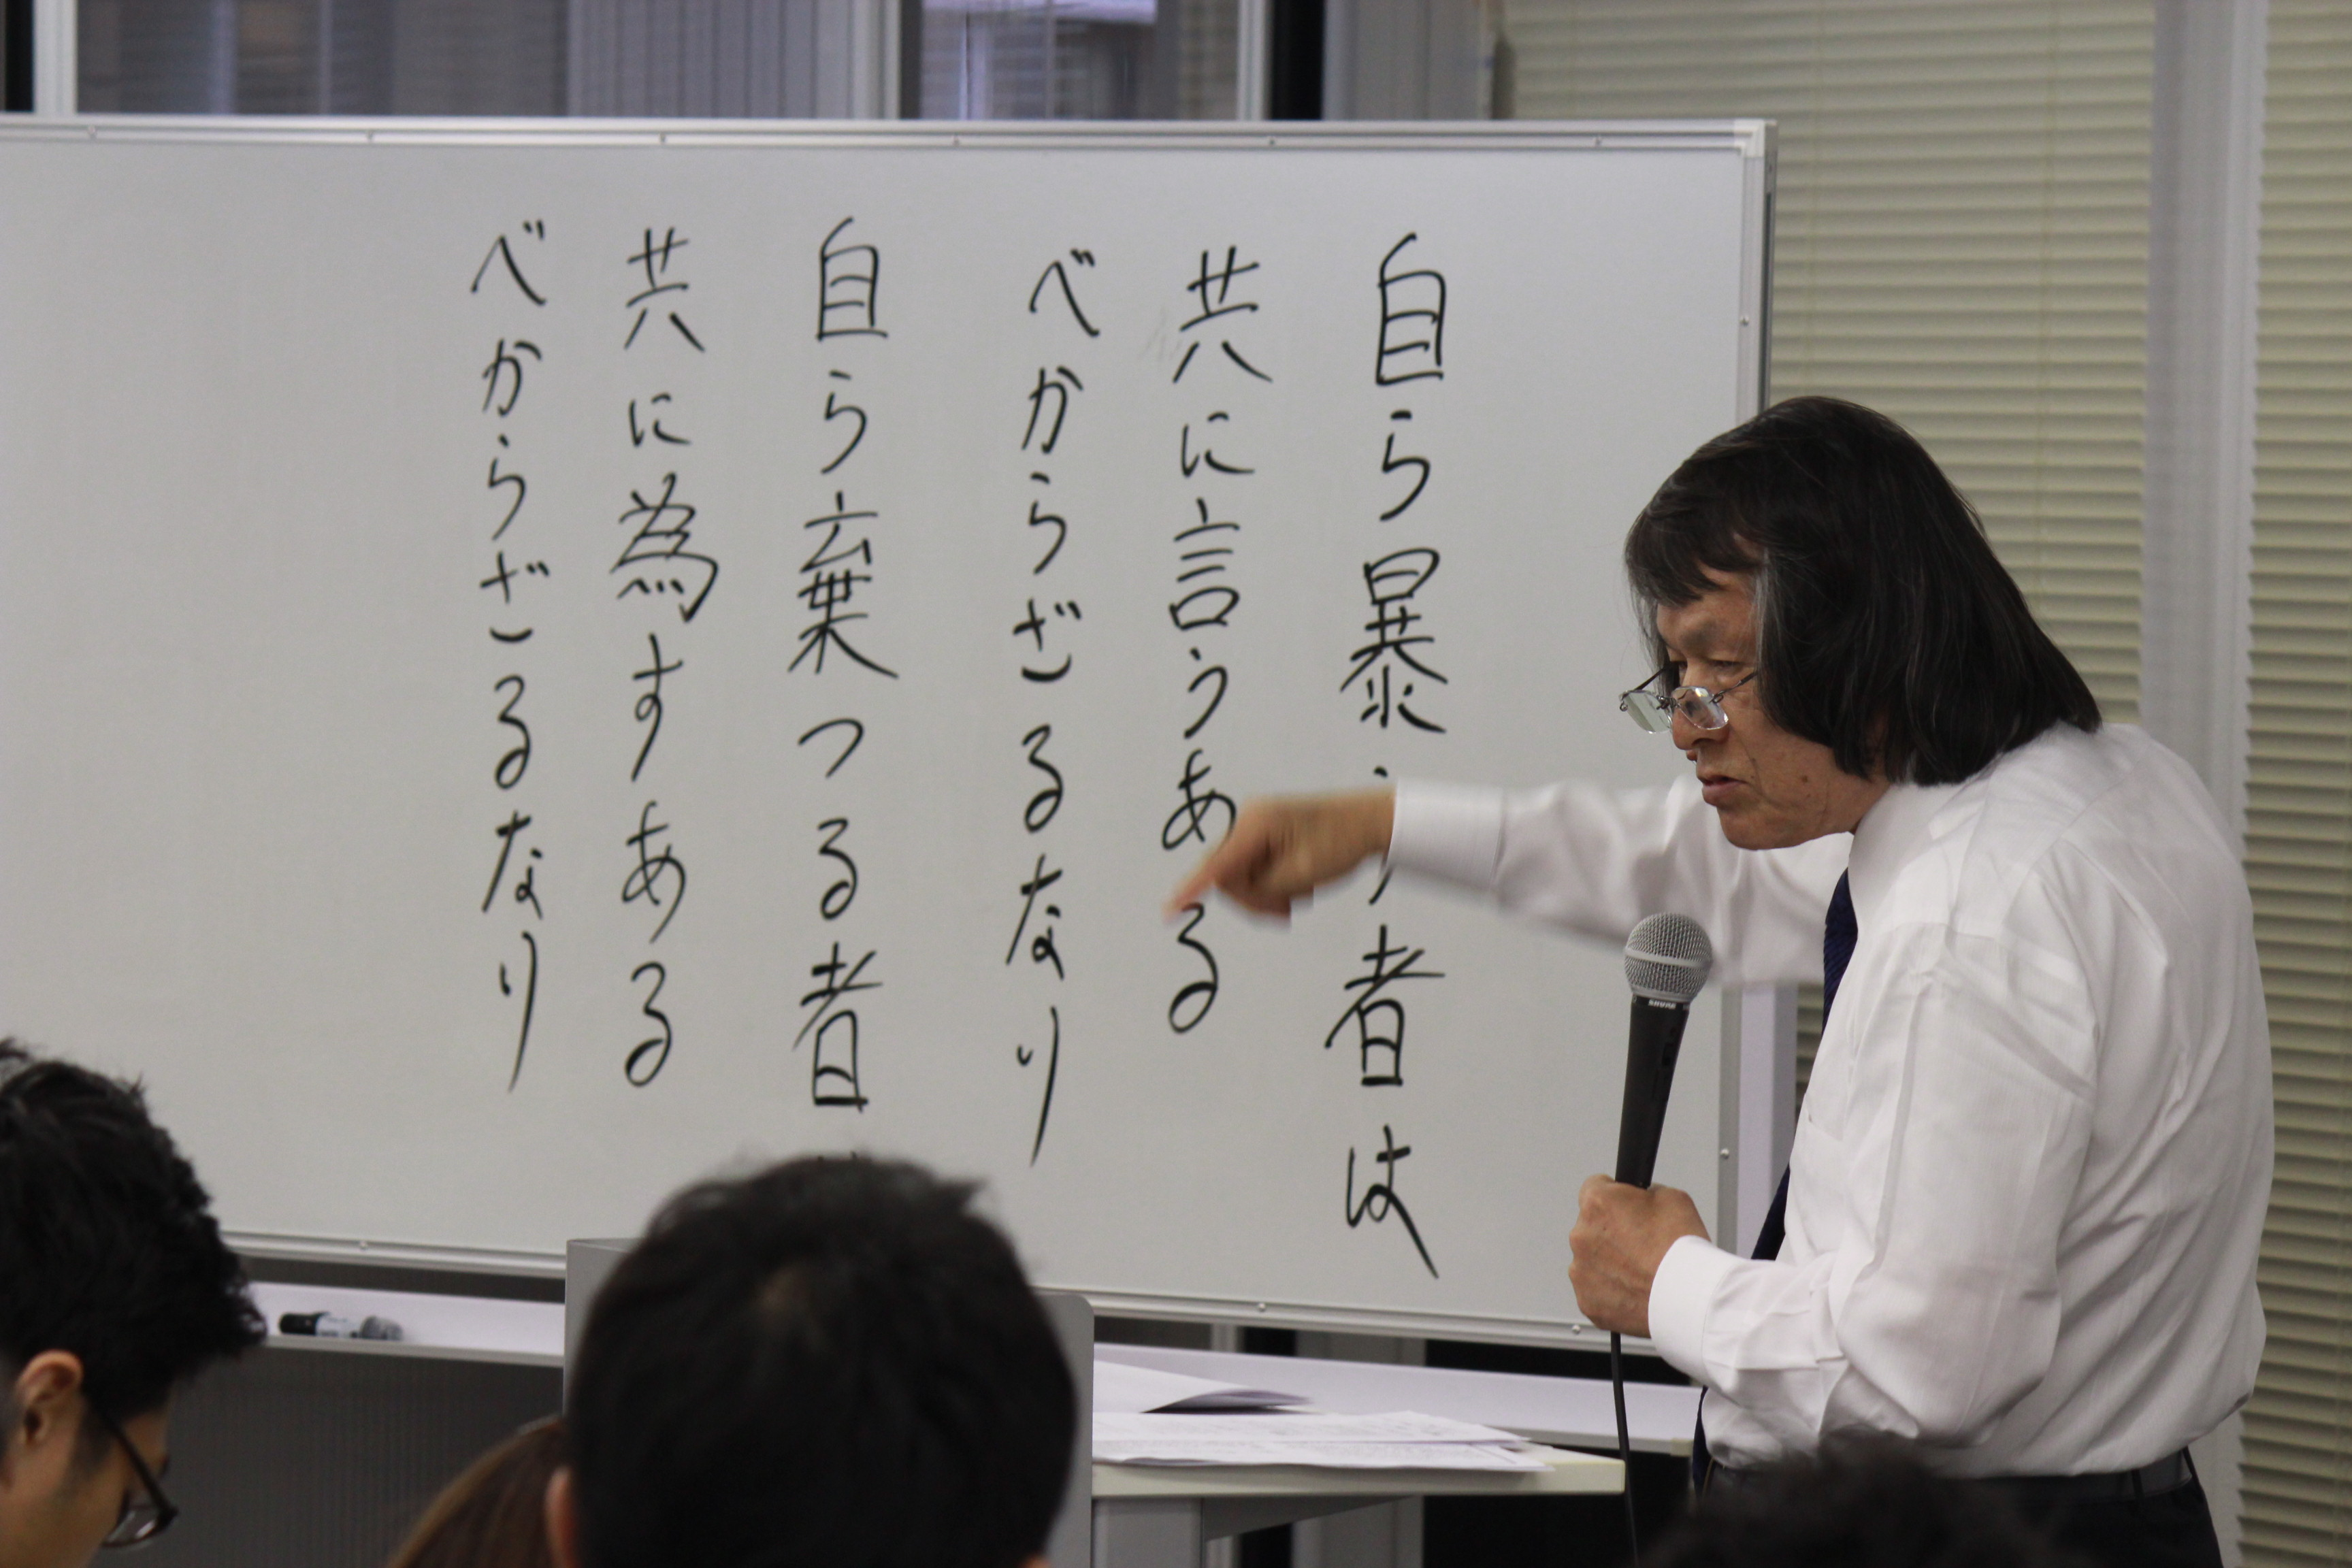 IMG 7866 - 7月20日関東若獅子の会